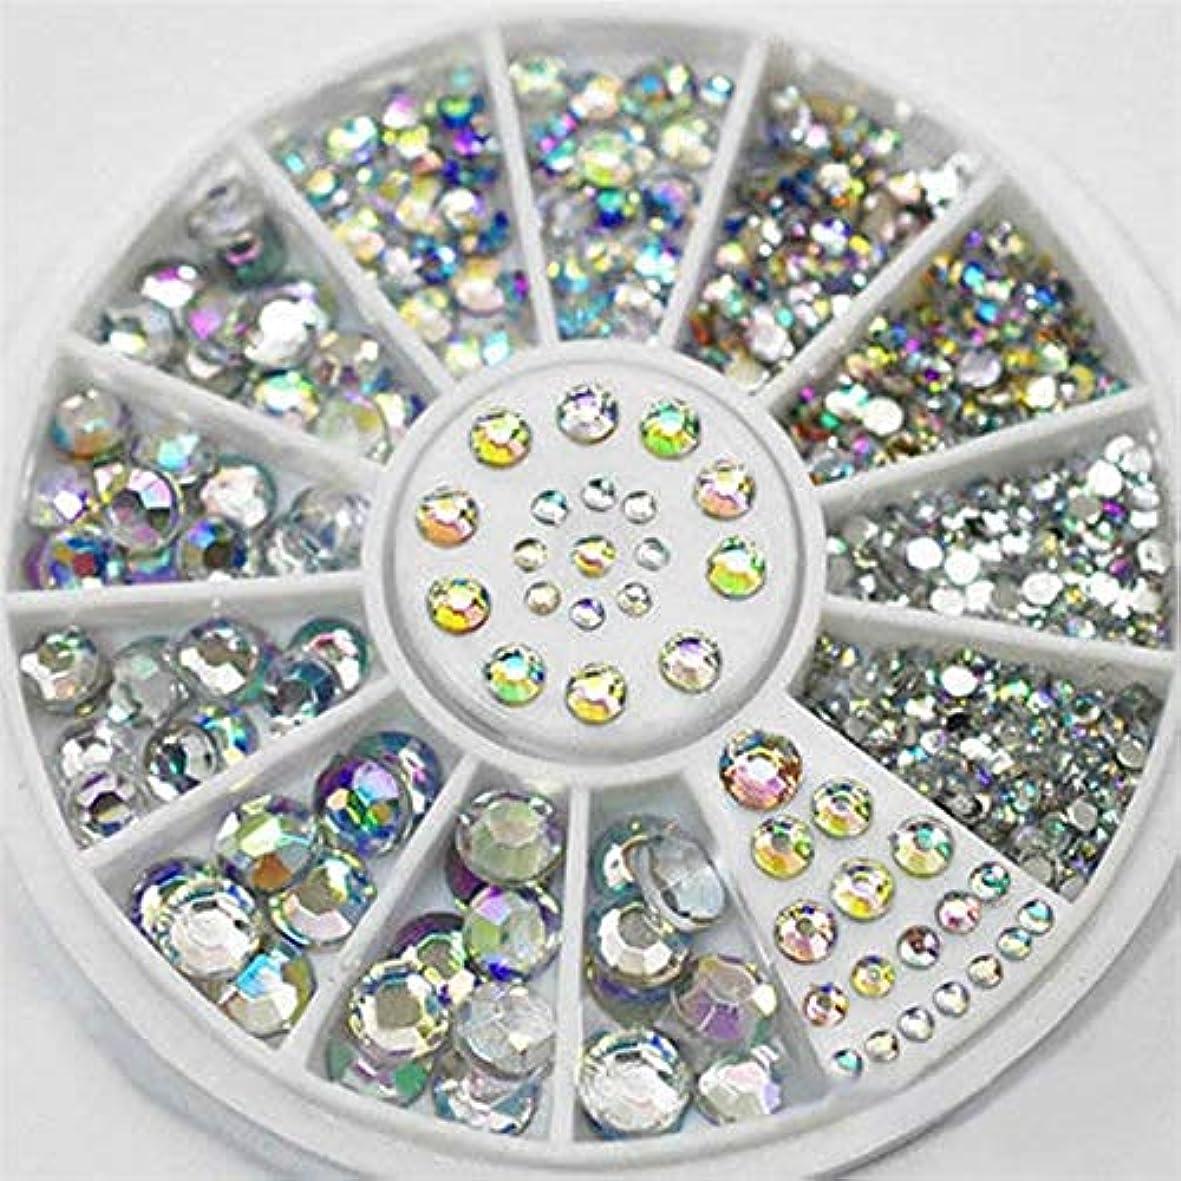 形オーク保証手足ビューティーケア 5ピースdiyカラーアクリルダイヤモンドネイルアートホイールのヒントクリスタルグリッターラインストーン3dネイルアートの装飾